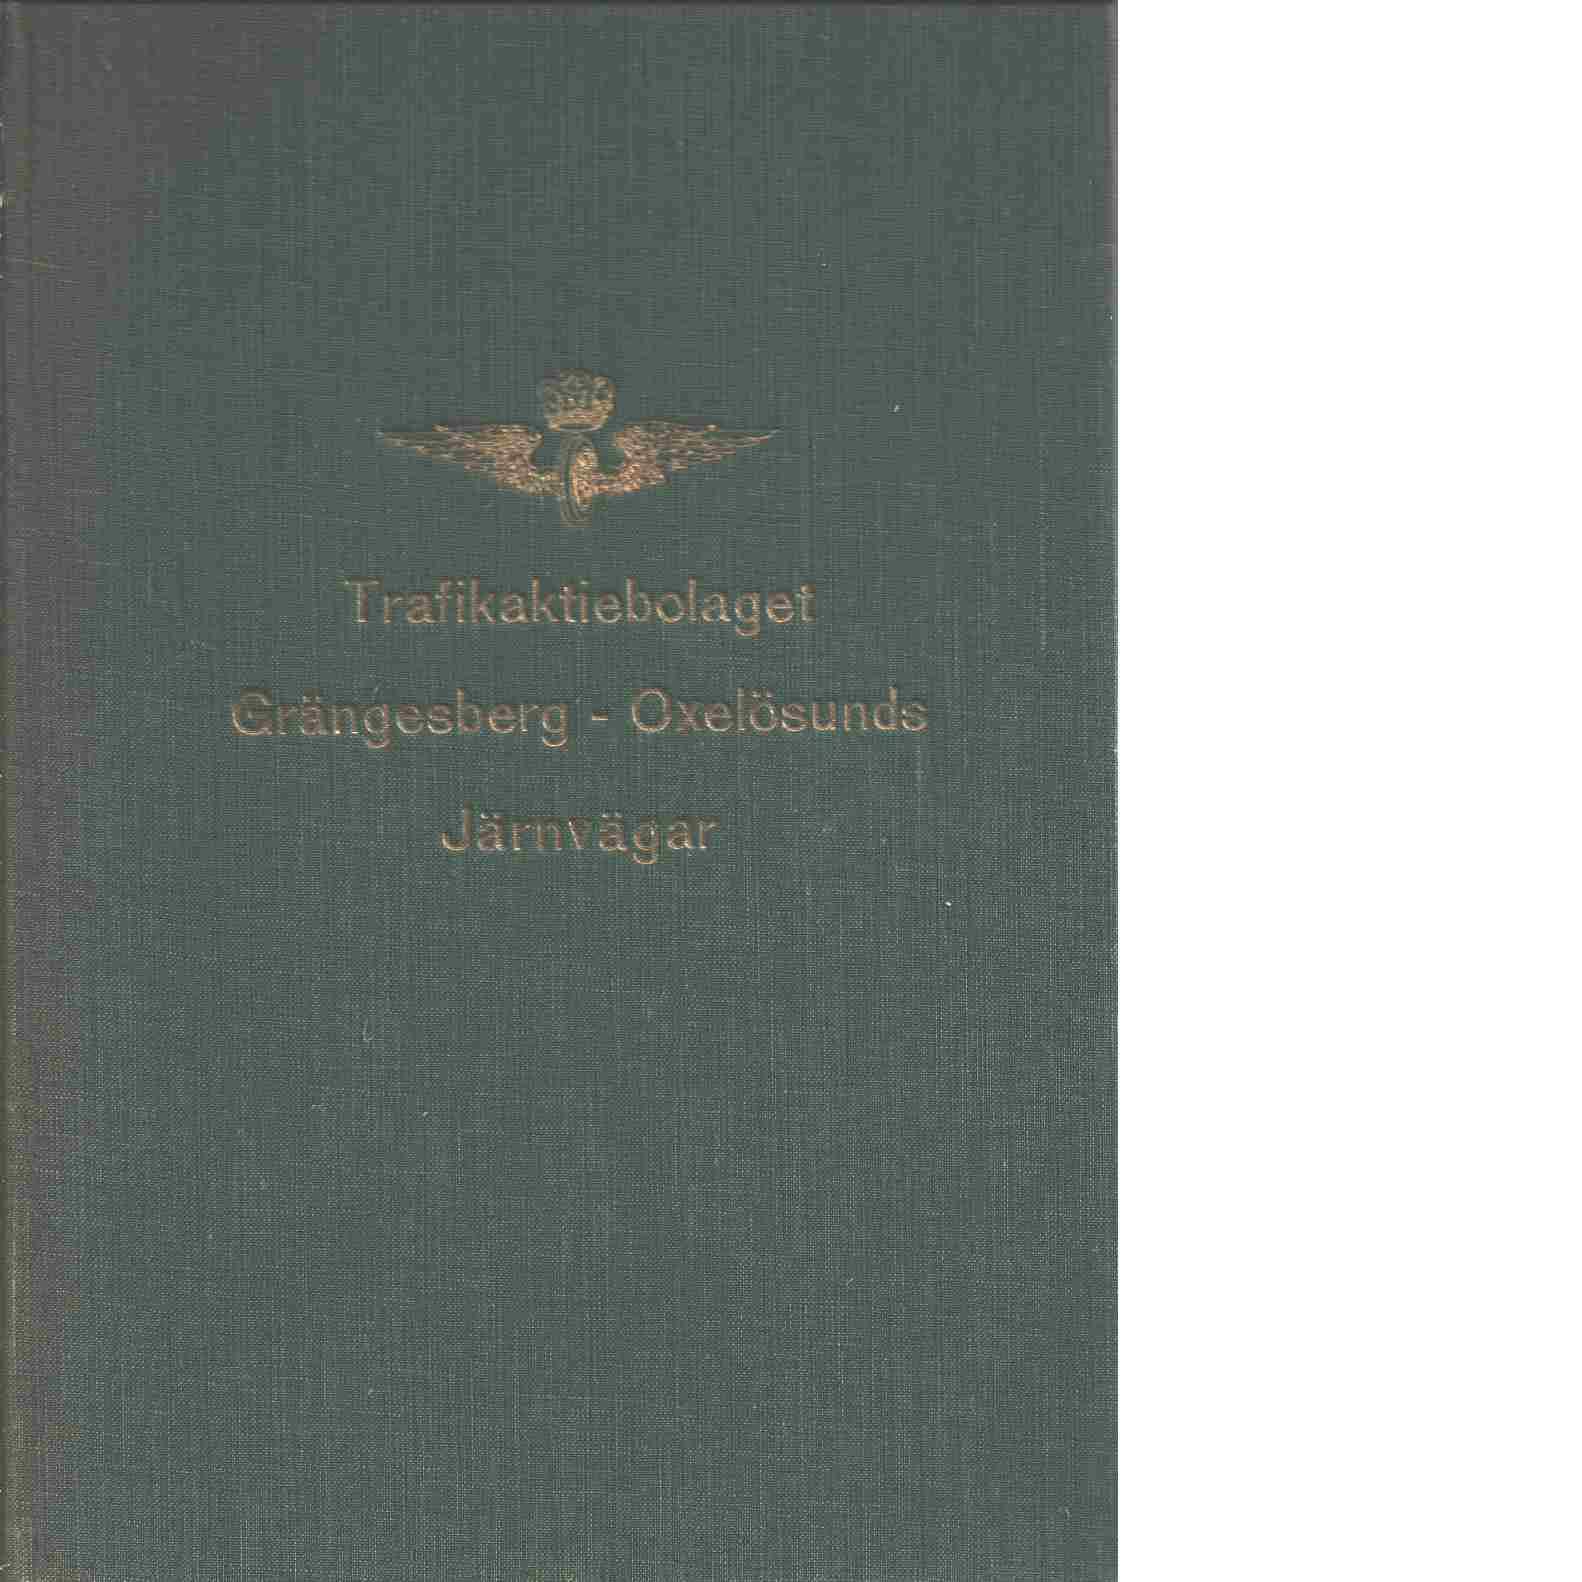 Trafikaktiebolaget Grängesberg-Oxelösunds järnvägar : historik - Red.